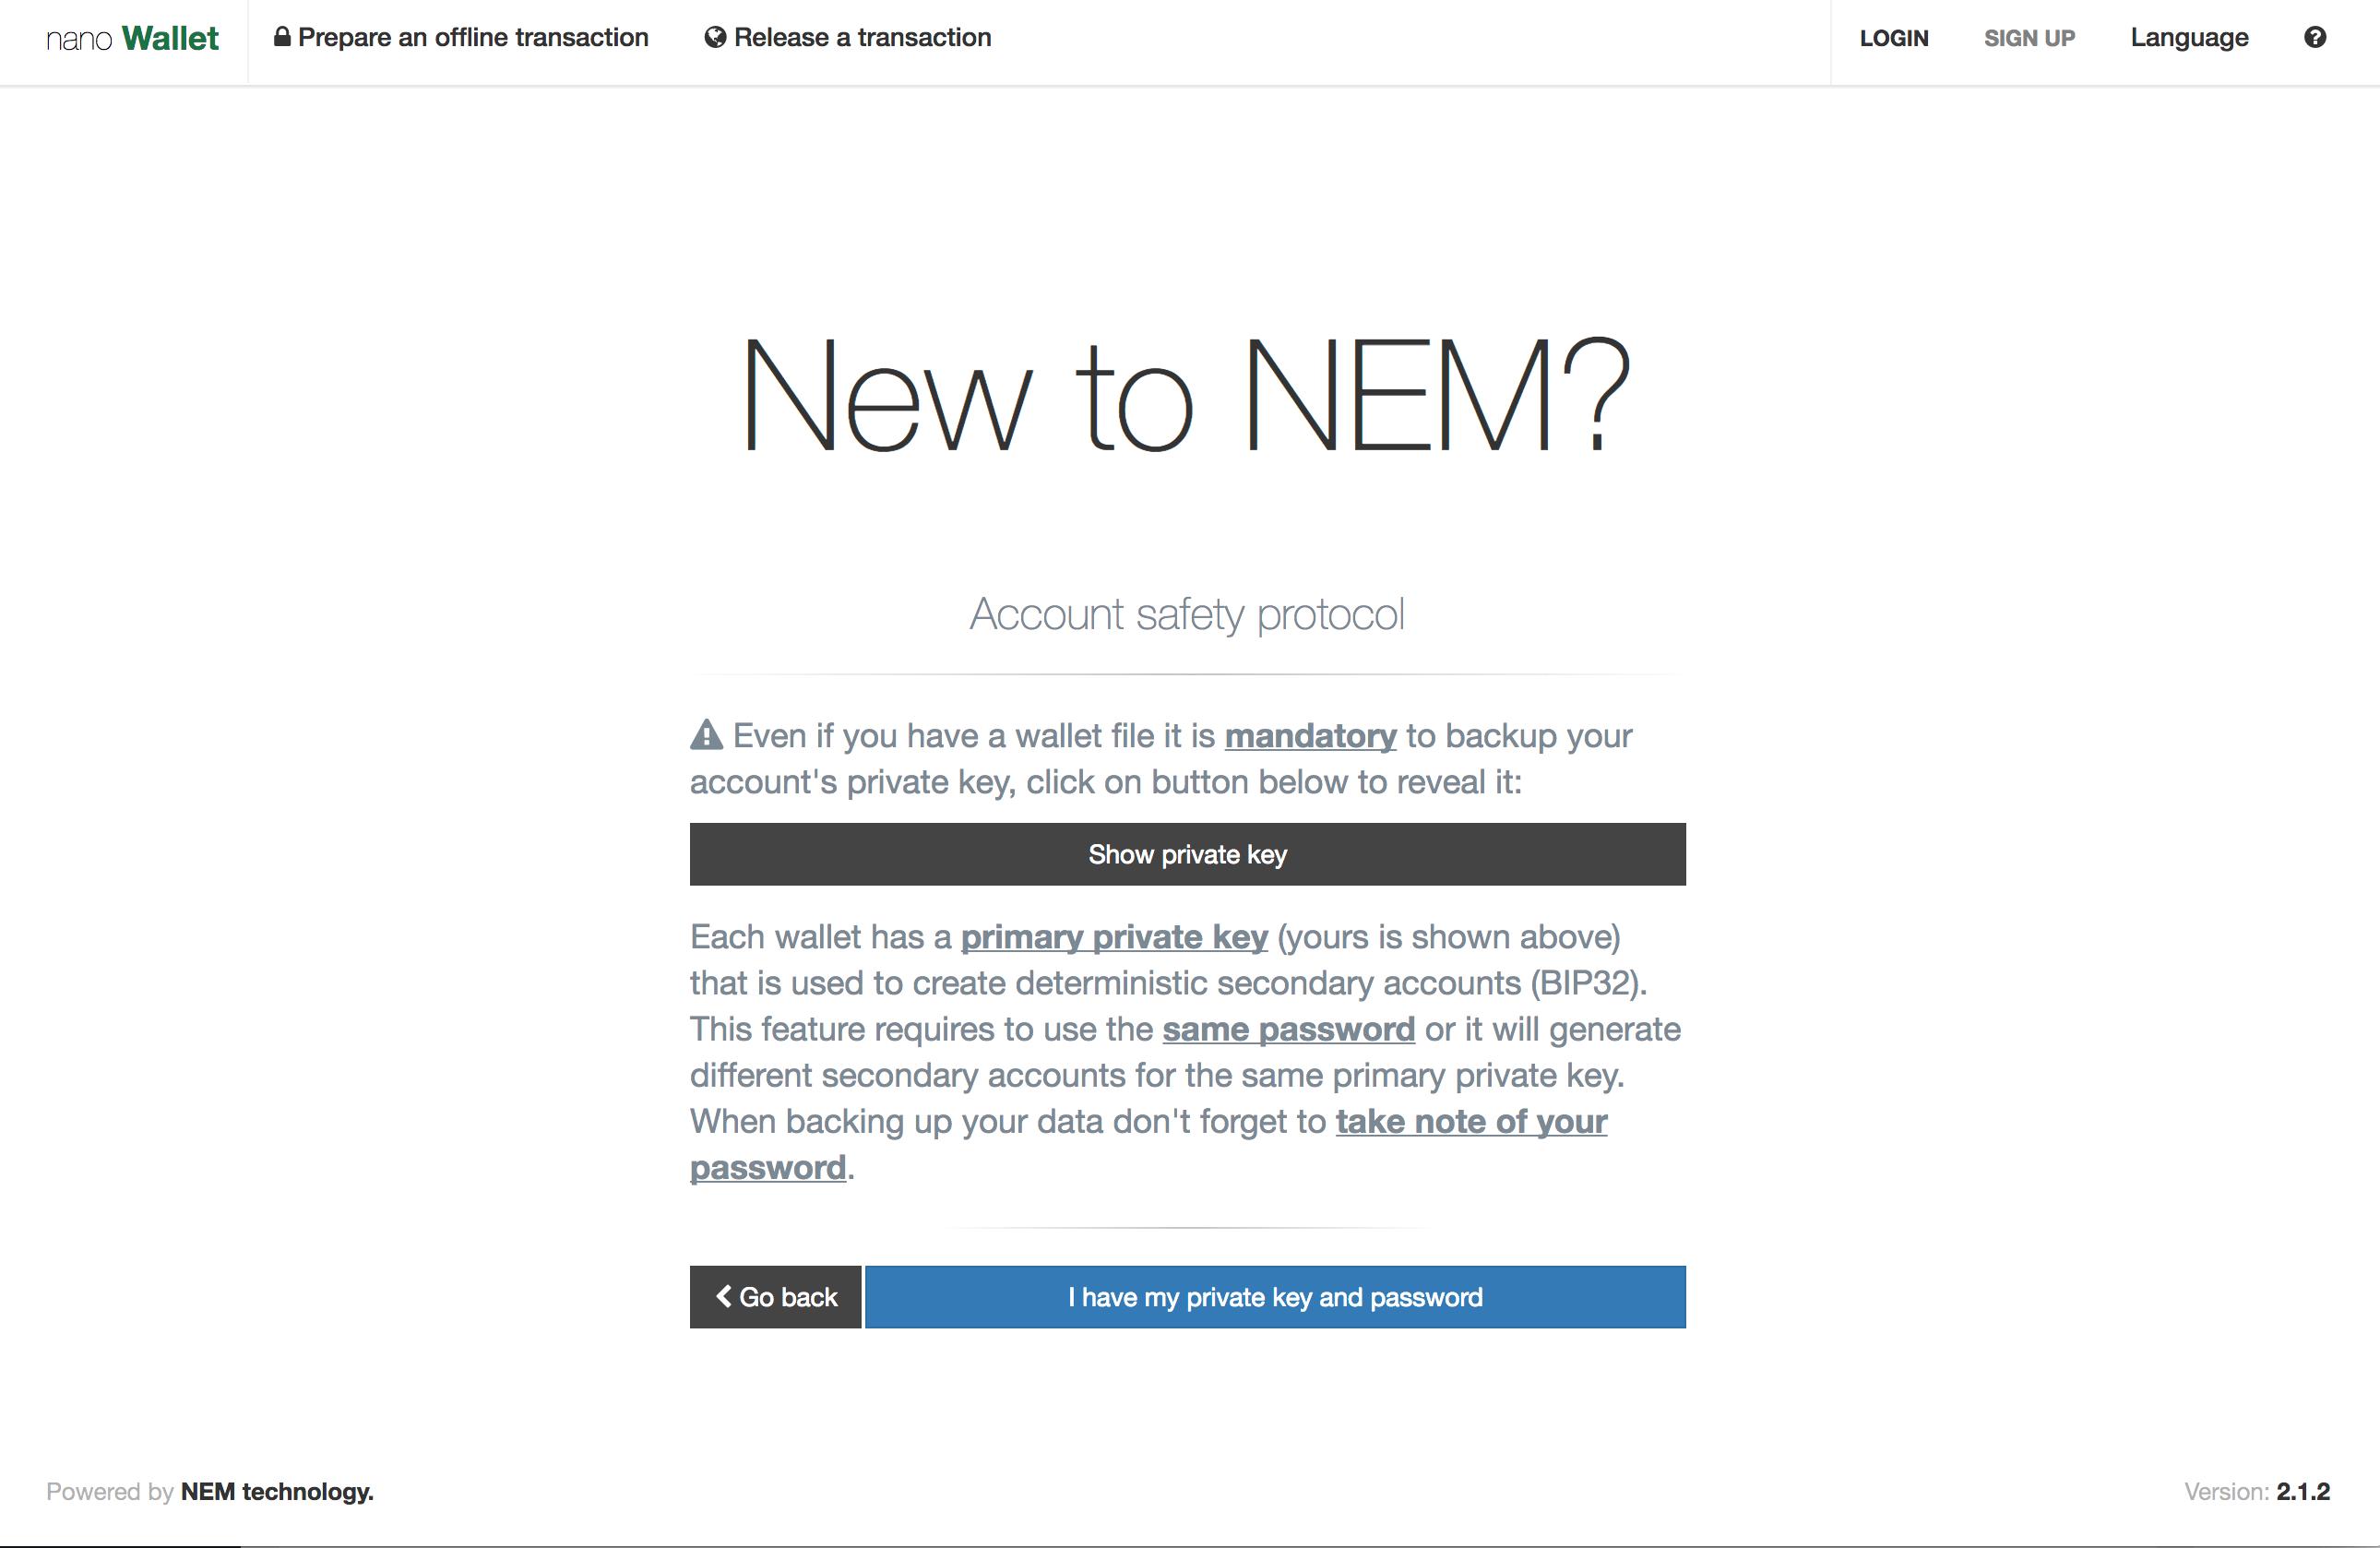 Send Neo From Bittrex To Wallet Enterprise Ethereum Allianc